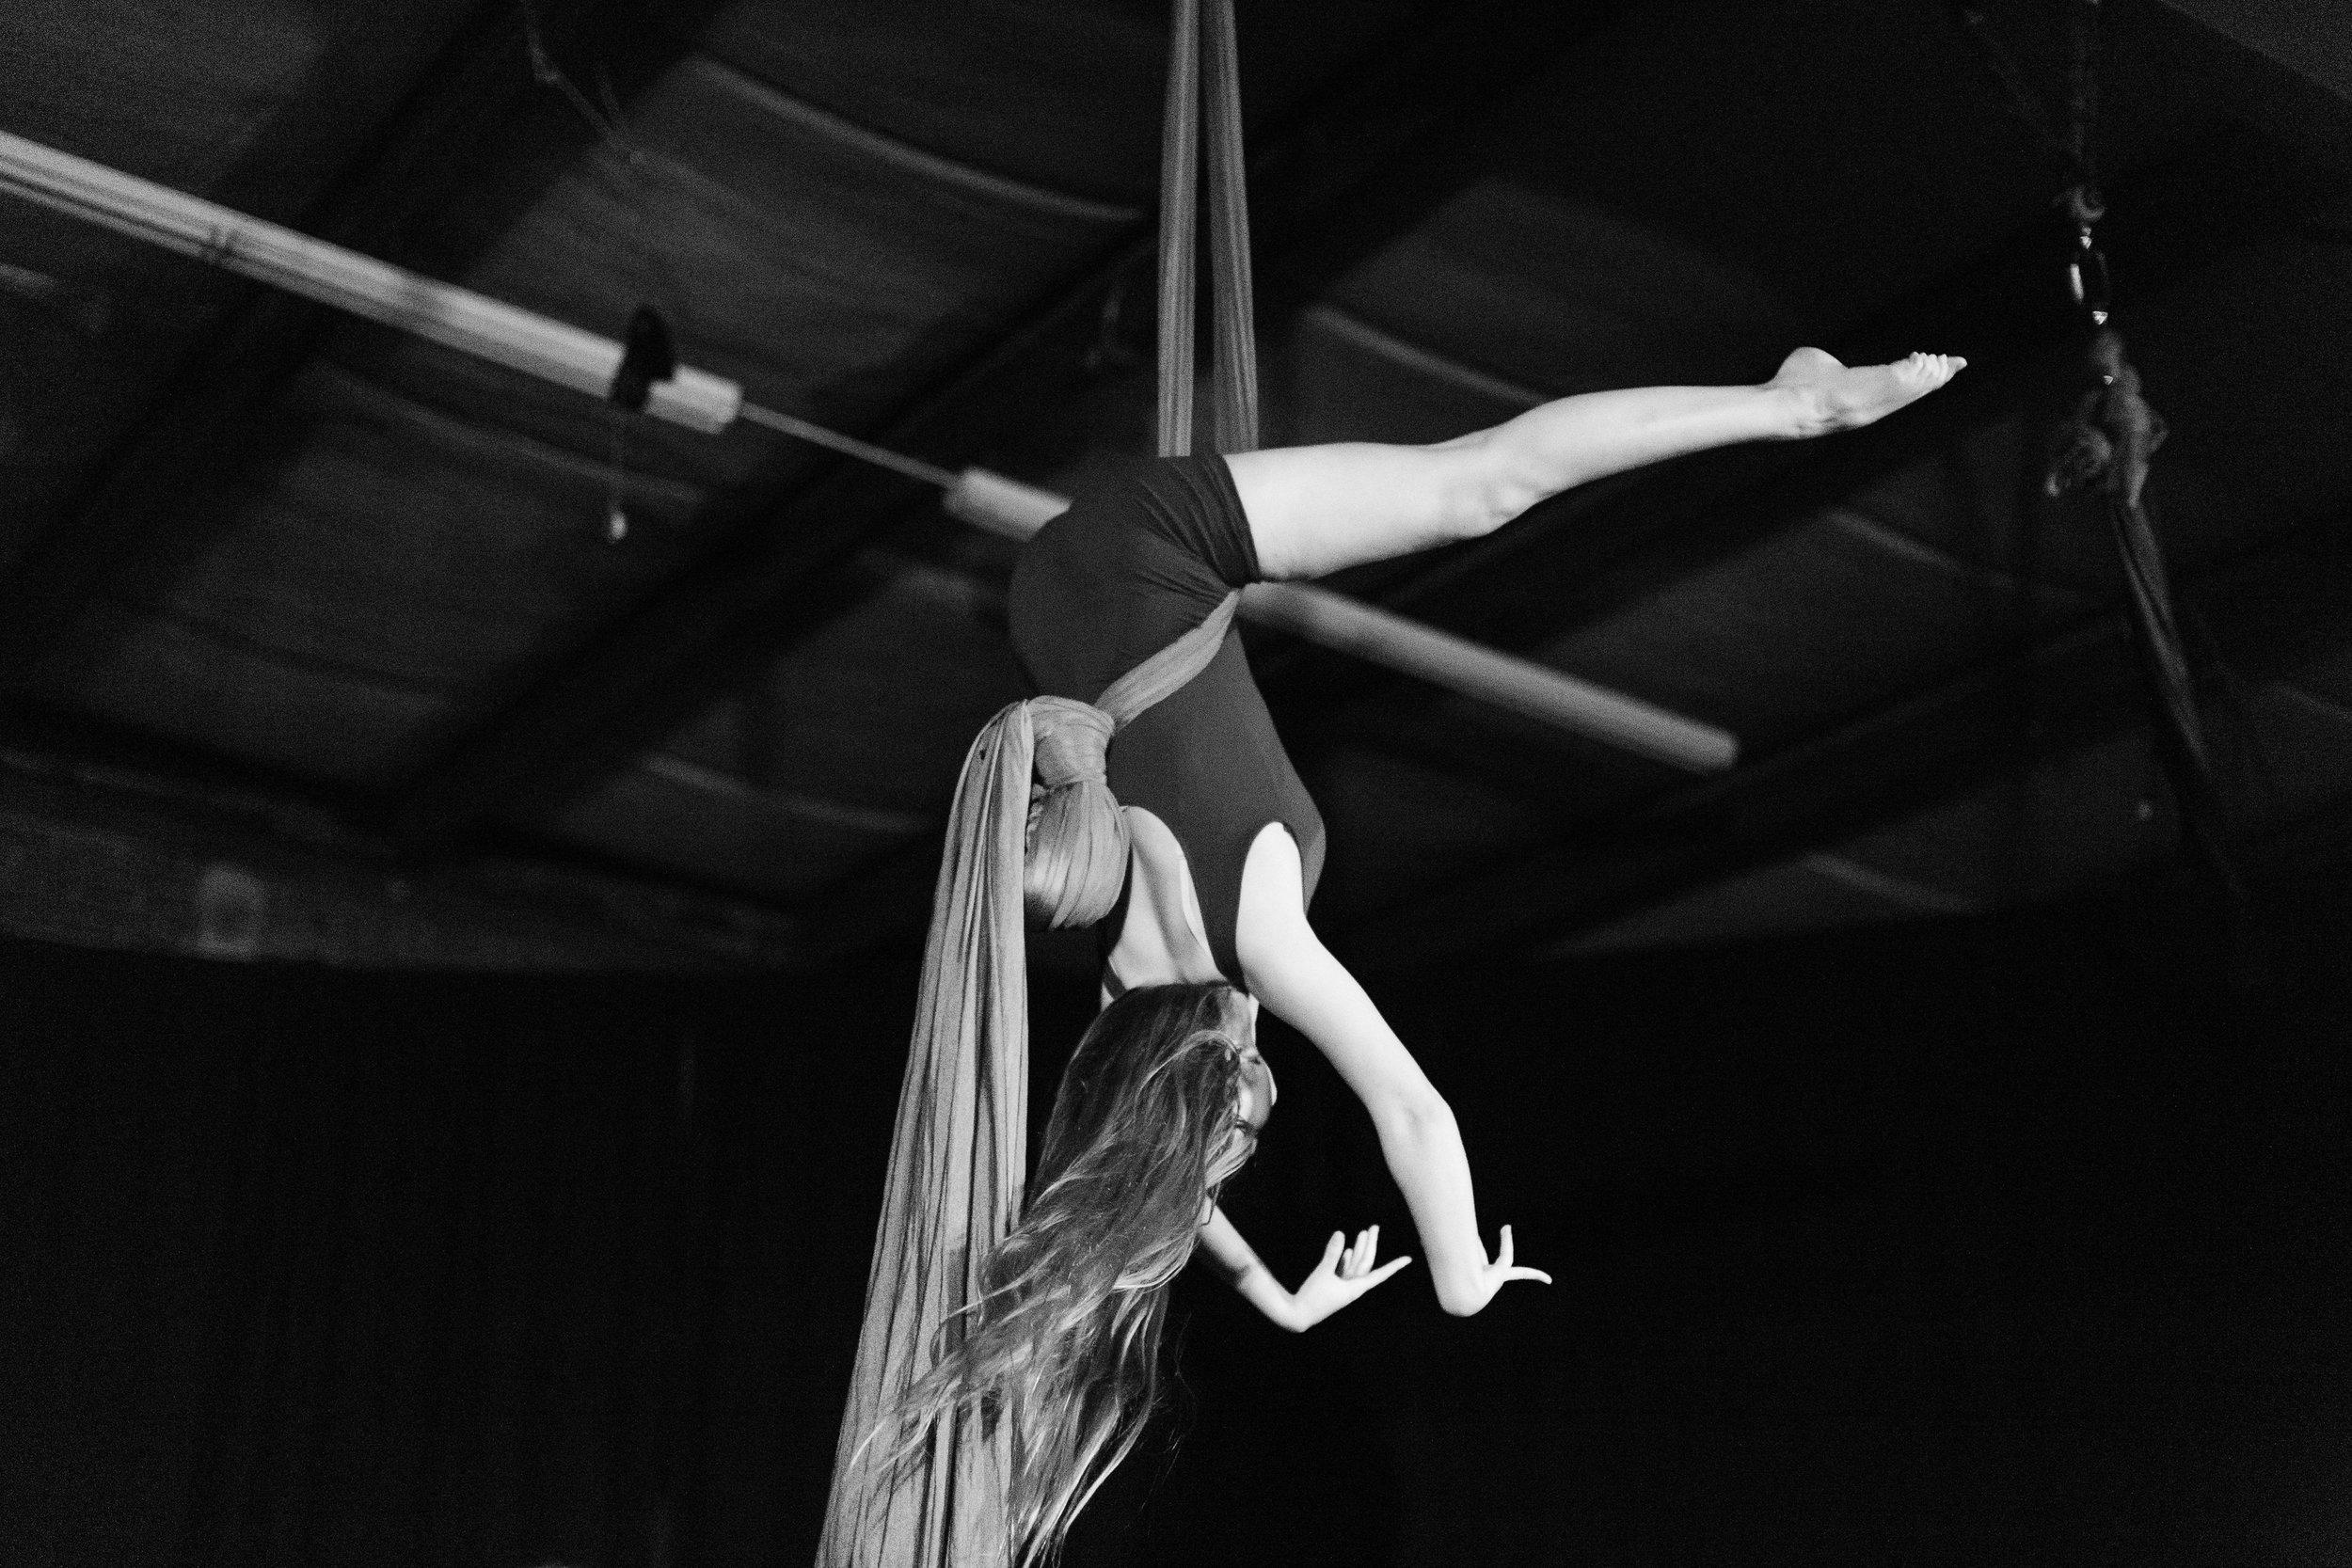 2017_12_10_durham_school_ballet_winter_showcase_party-3857-Copy1.jpg